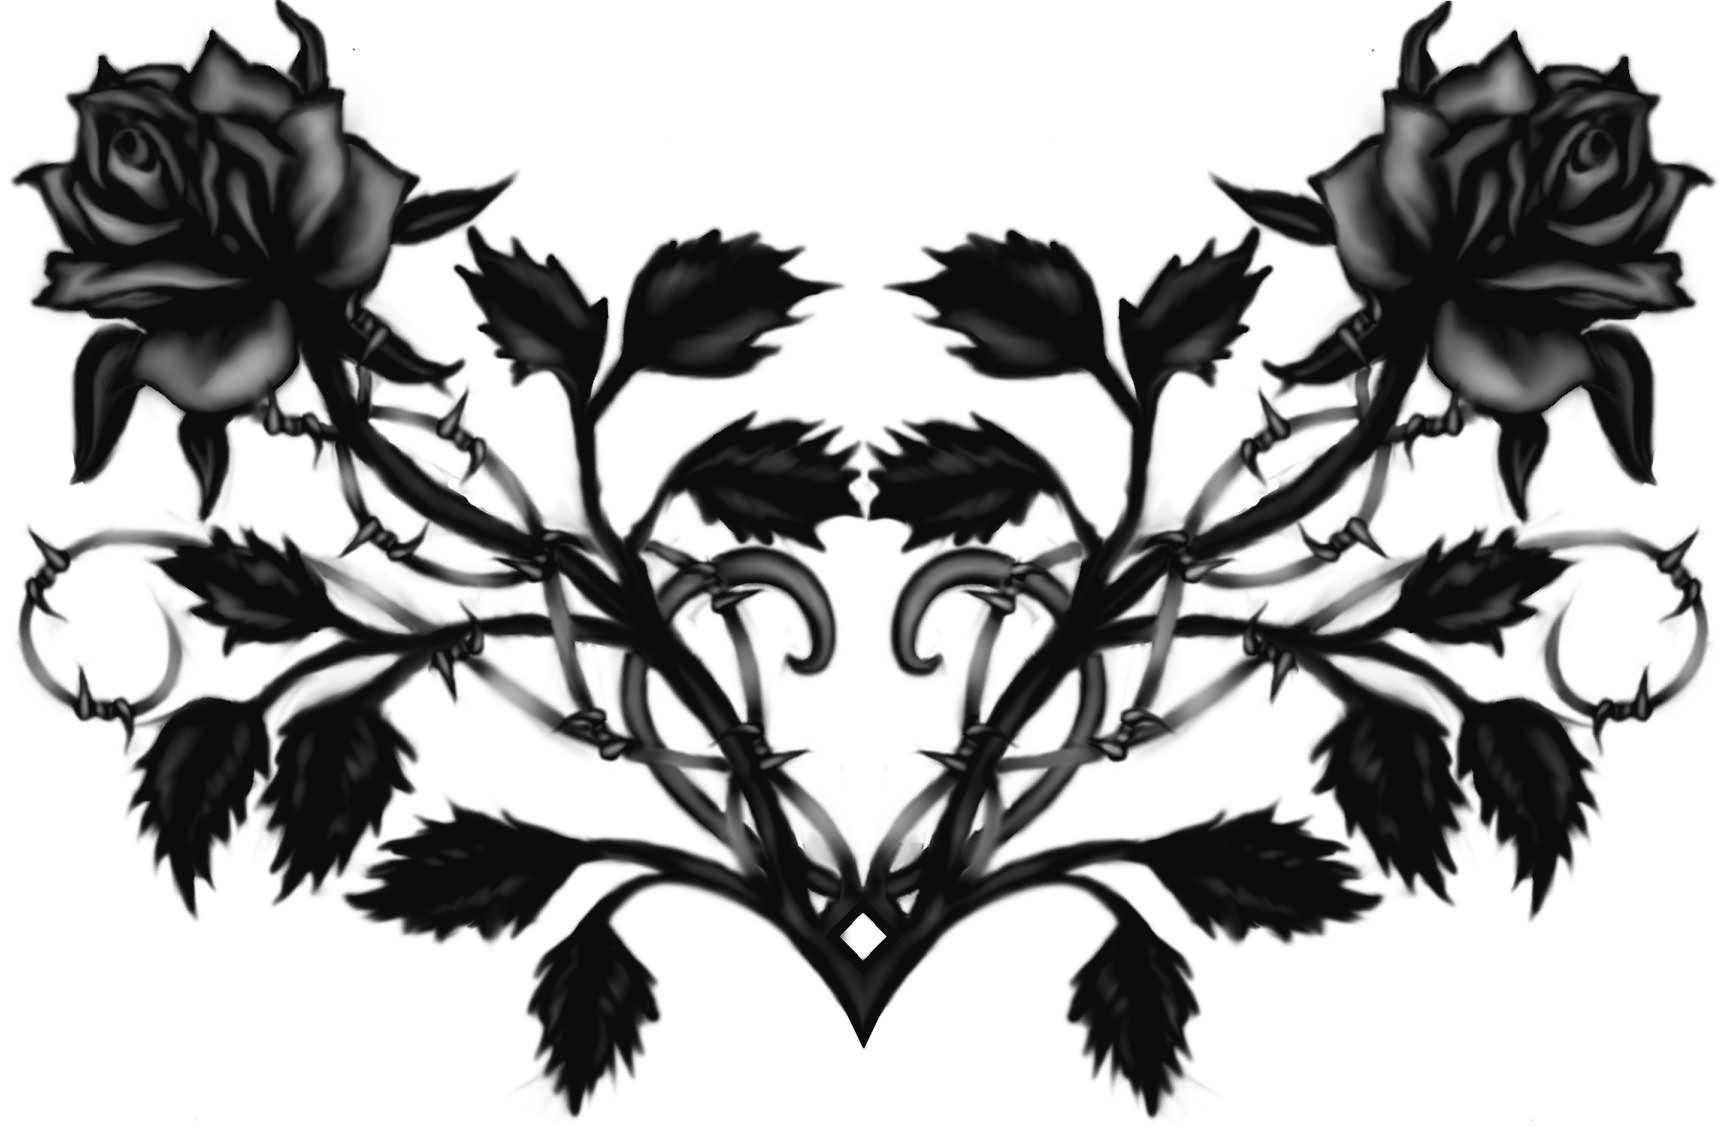 Gothic Black Roses Tattoos Designs